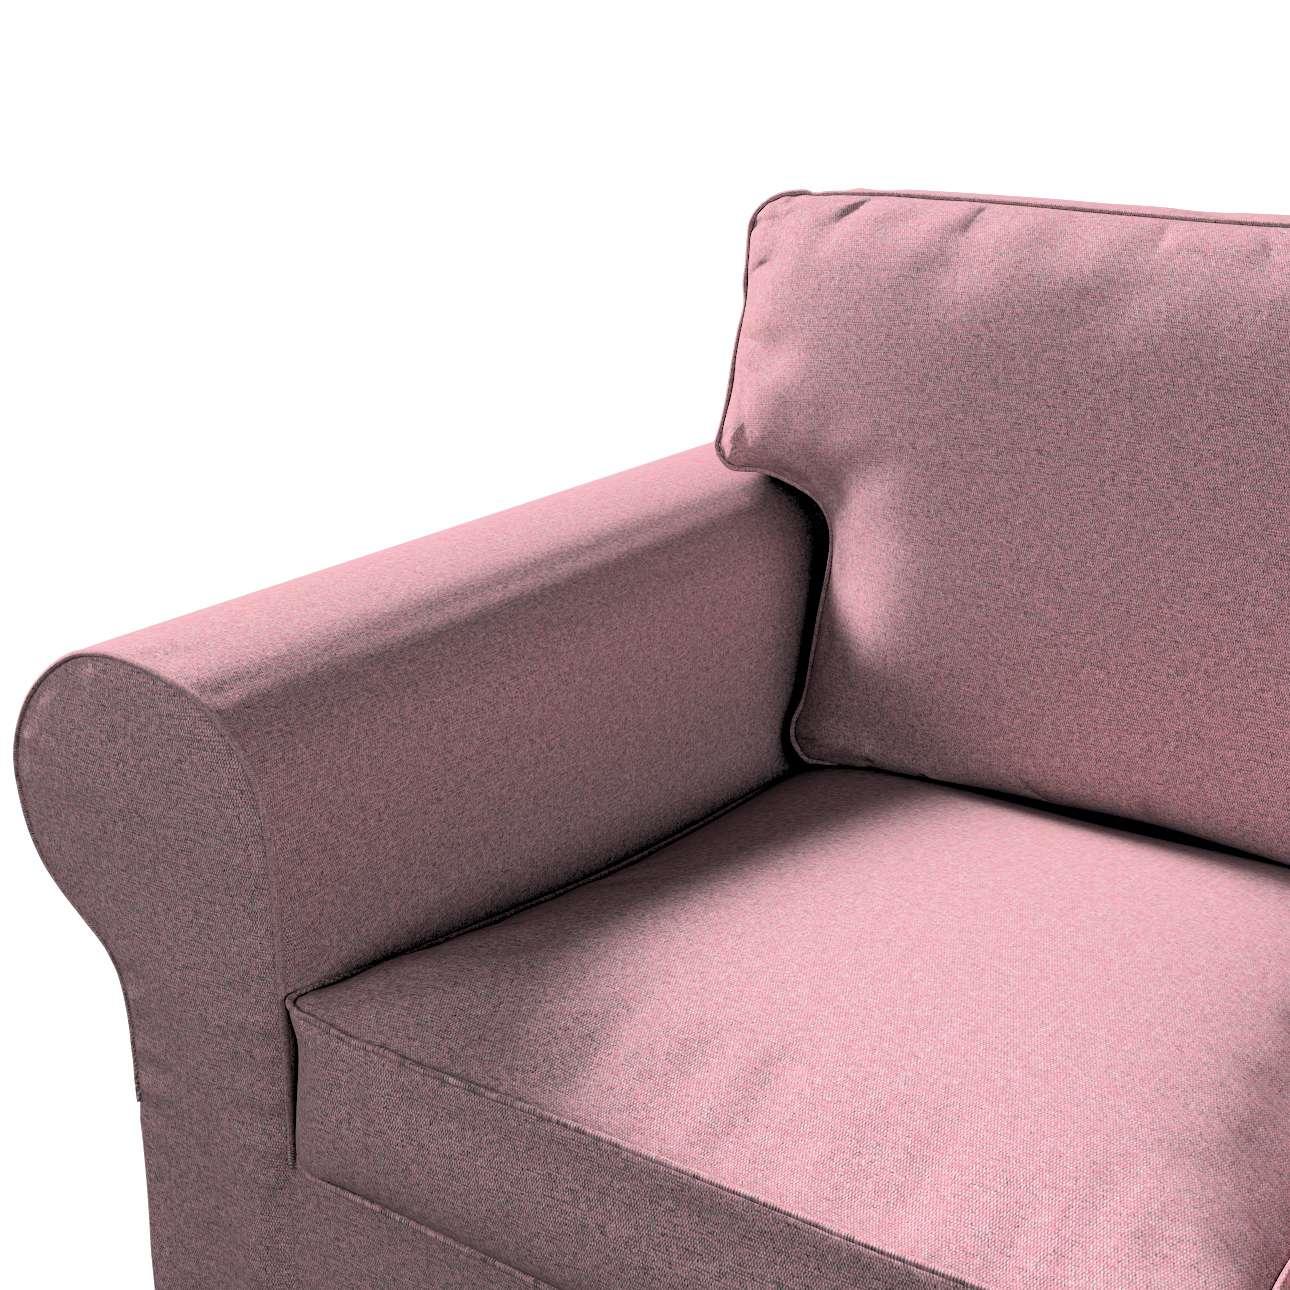 Pokrowiec na sofę Ektorp 3-osobową, rozkładaną, PIXBO w kolekcji Amsterdam, tkanina: 704-48